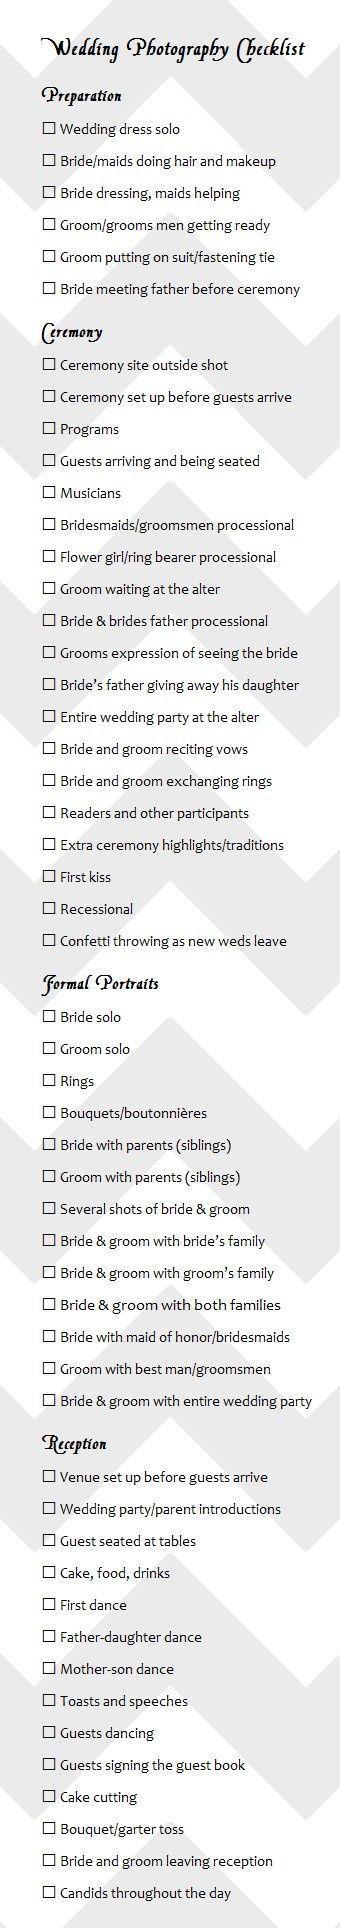 wedding photography checklist best photos - wedding photography - cuteweddingideas.com #weddingphotographs